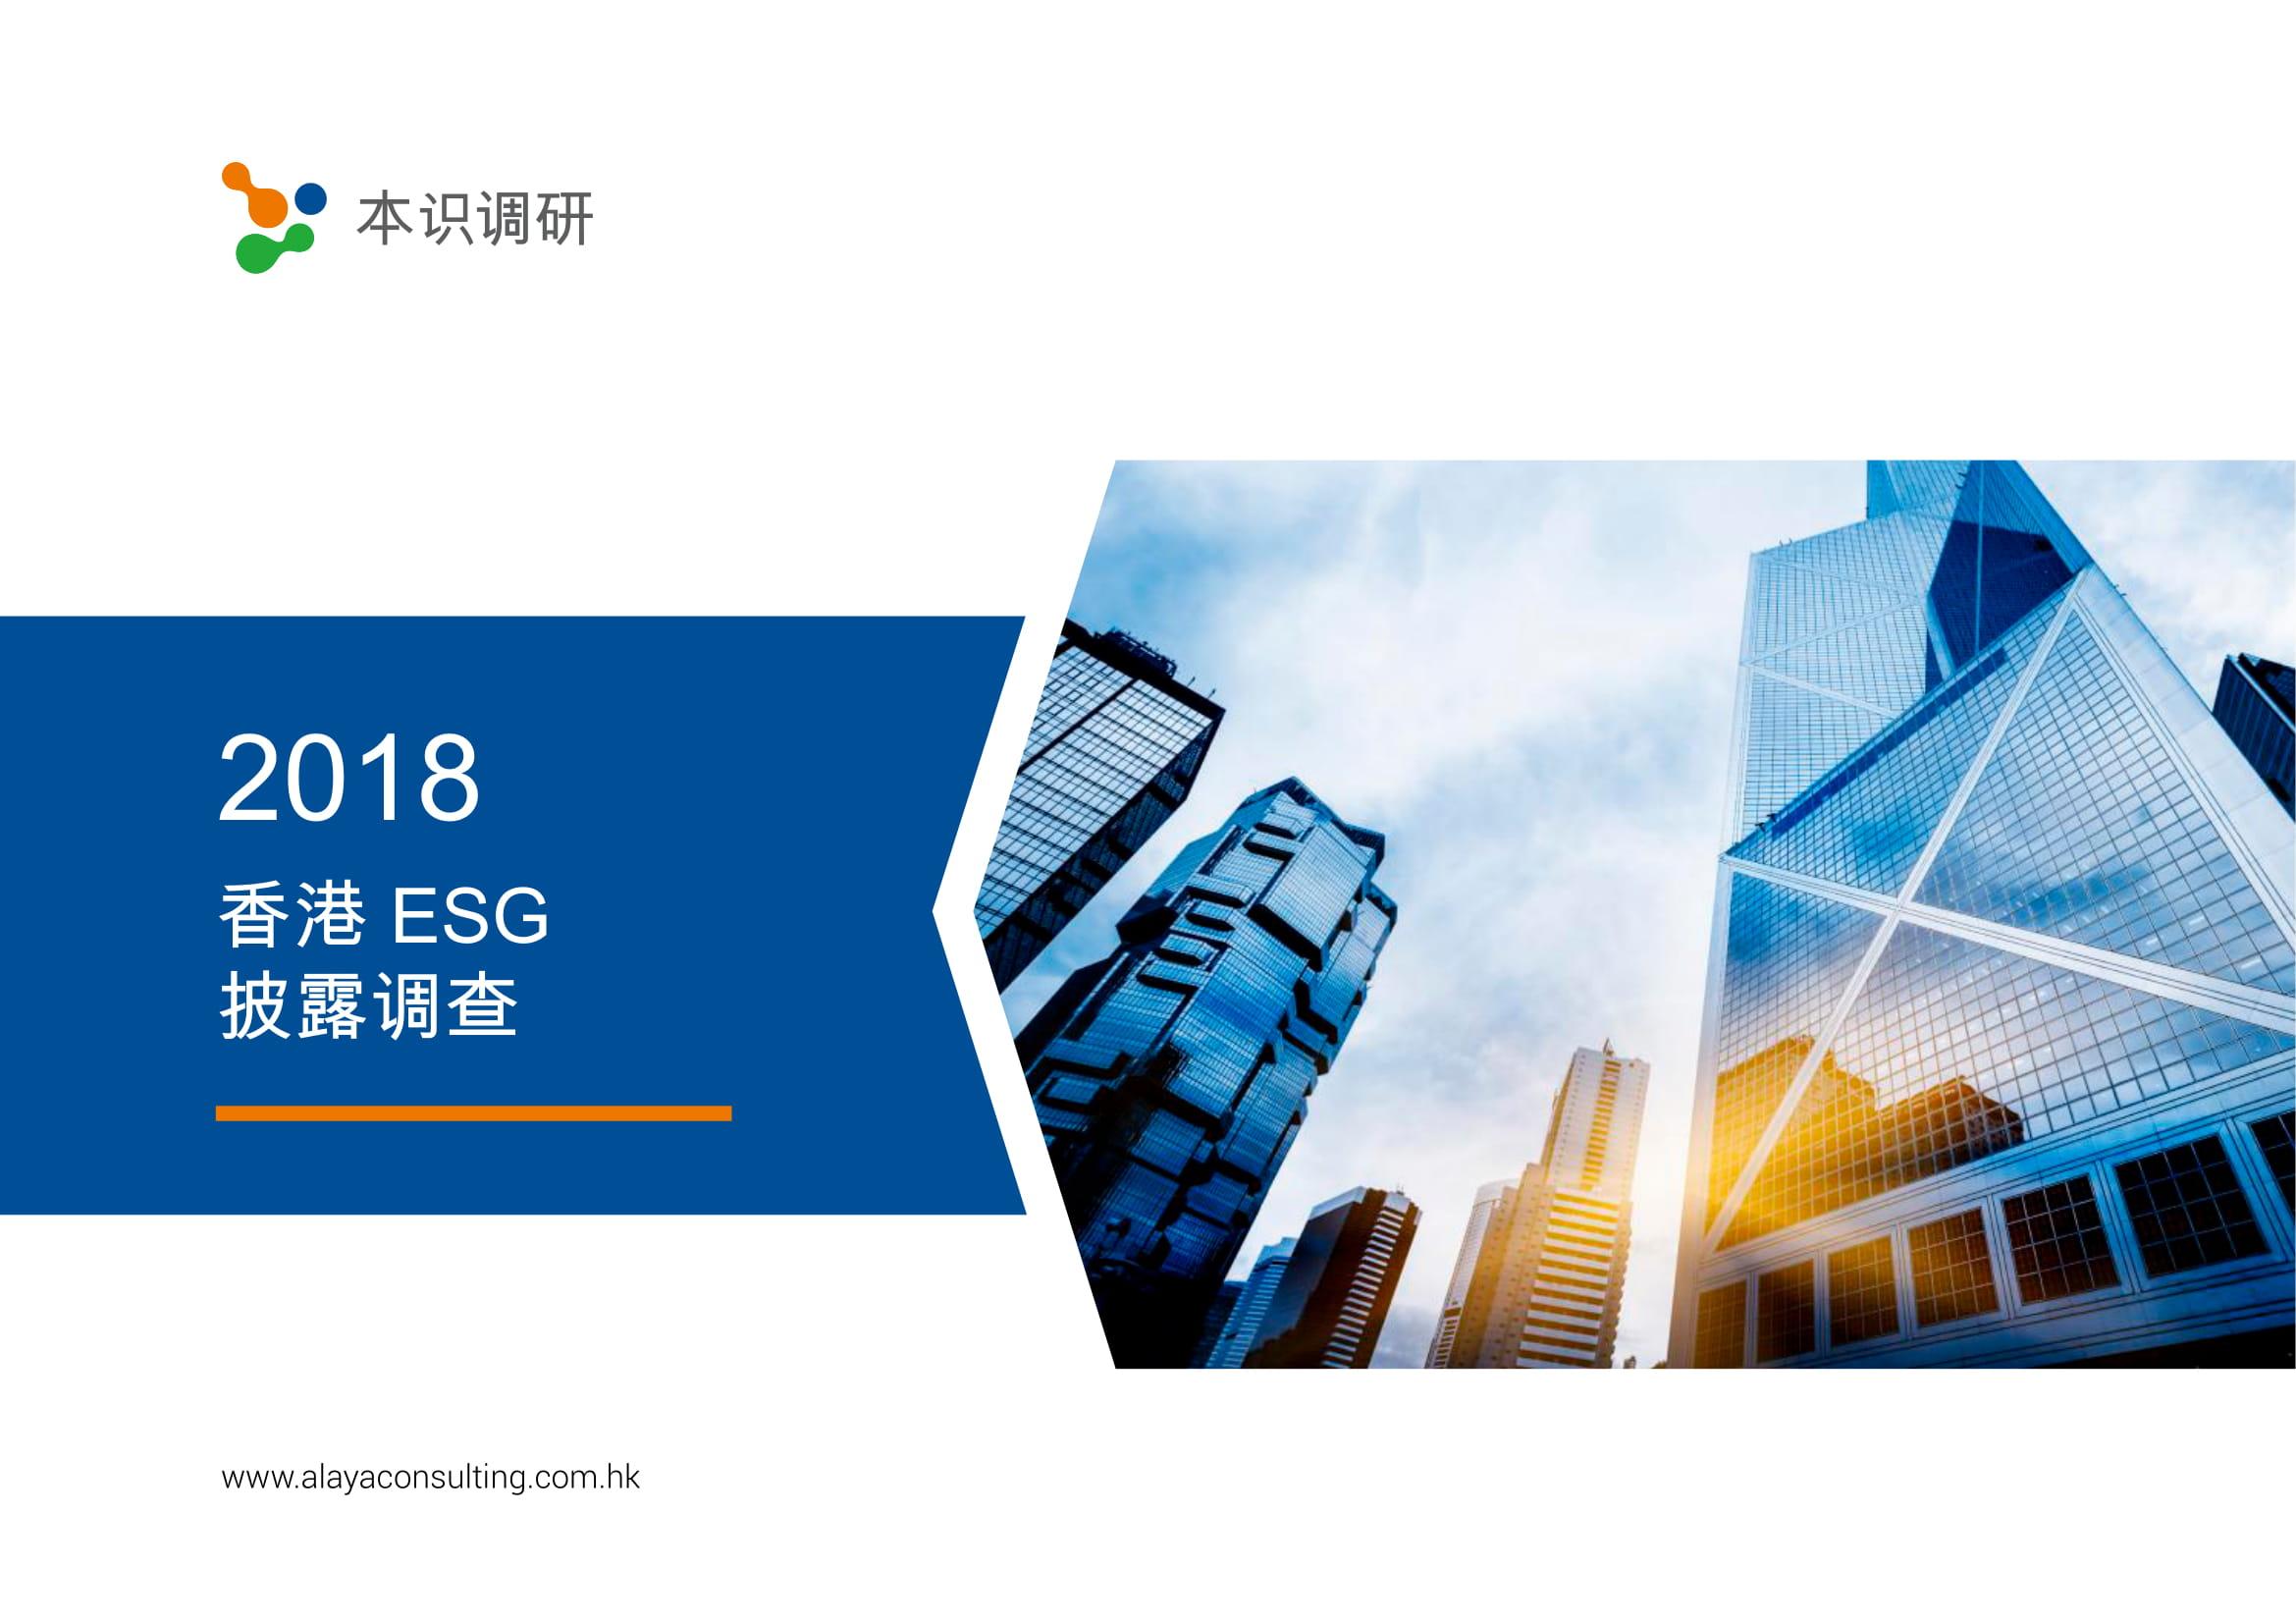 2018年调查研究报告(中文版)在线阅读